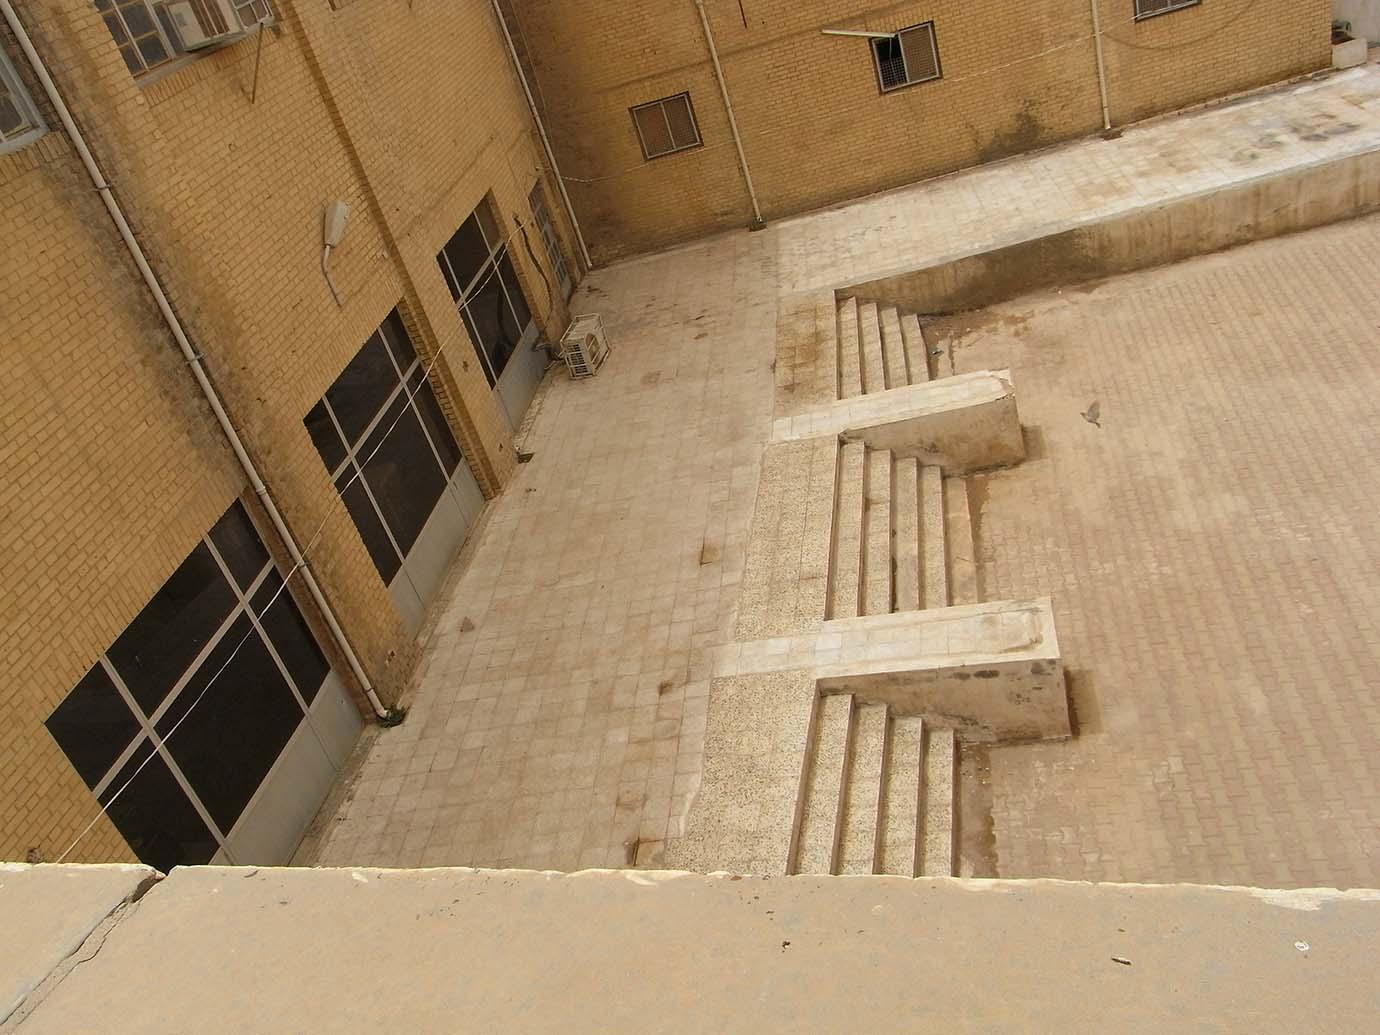 الشكل 6 : الإنحناء المعاكس في درجات السلالم الخلفية،صورة سيسيليا بيري، 2011، جميع الحقوق محفوظة